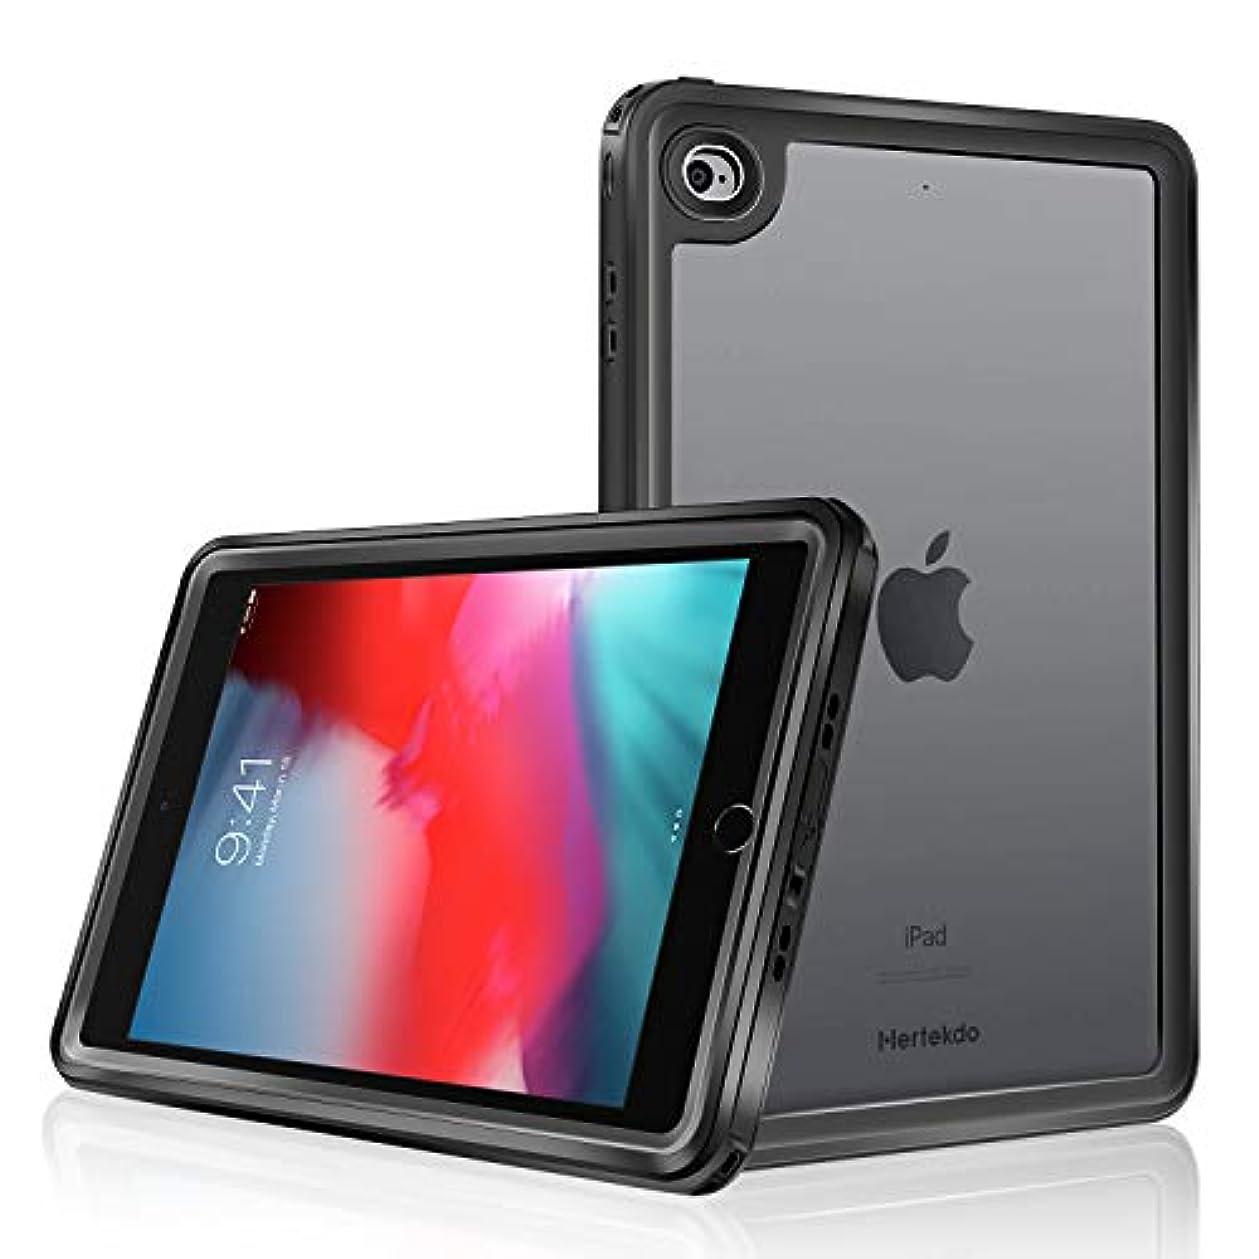 はっきりとプラスチック突然iPad Mini 4 防水 ケース Hertekdo IP68 iPad mini 4 7.9inch ケース キックスタンド付き 水中全密閉カバー 防塵 防雪 耐衝撃 iPad mini 4 ケース